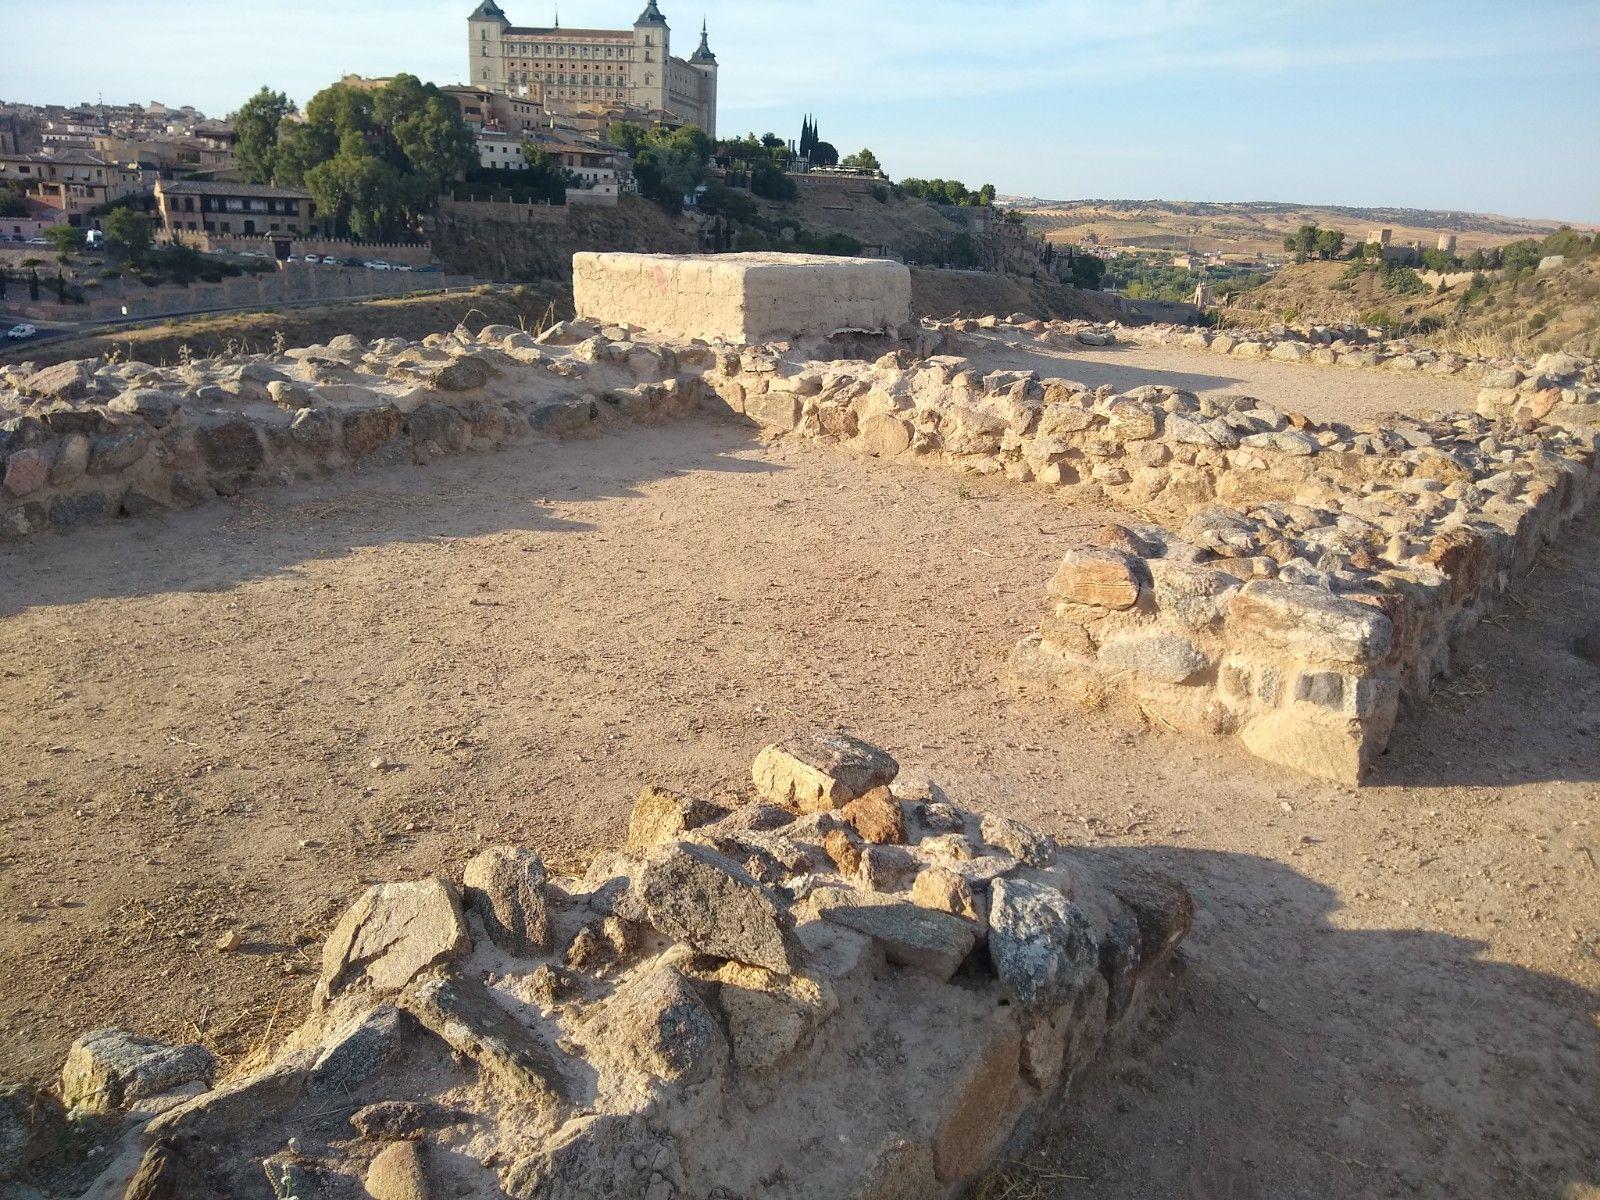 Construcción militar situada en la parte superior del cerro, en el centro un muro de adobe con restos de encalado nos muestra cómo fue la construcción original. Al fondo, imponente, nos brinda su presencia el alcazar de Toledo